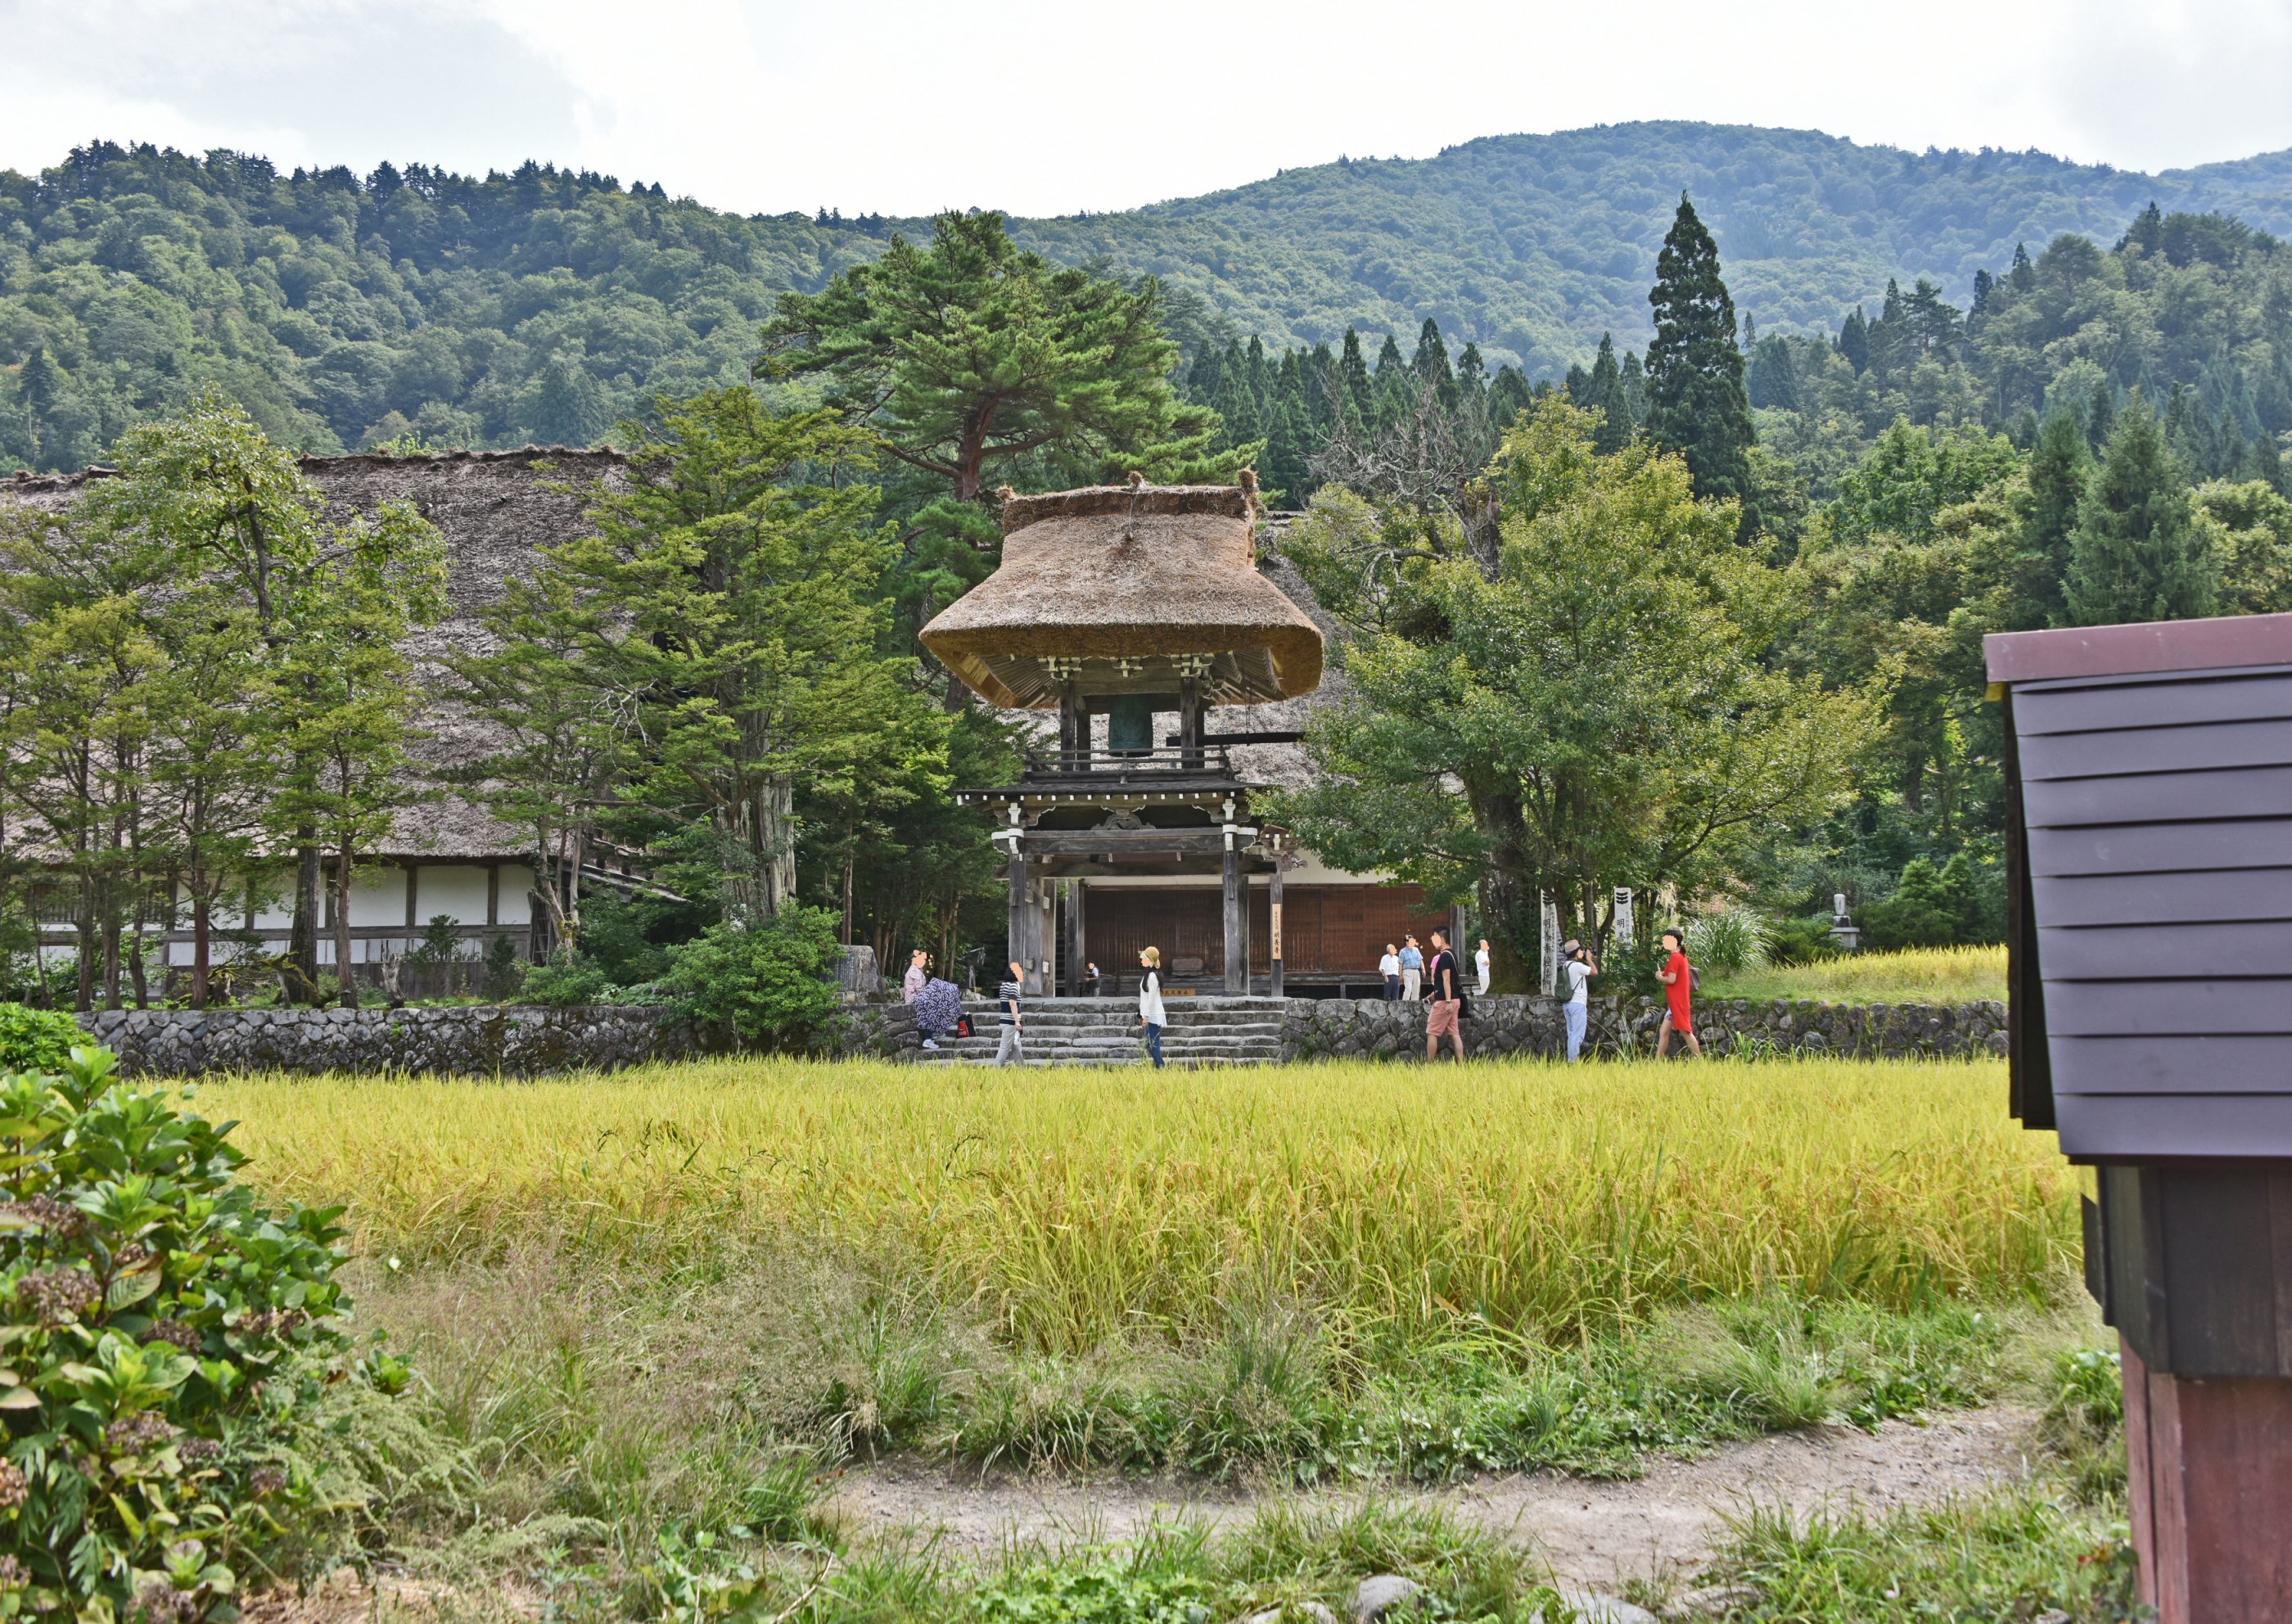 ⇑ この村の小さなお寺さん、玄関ともなっている鐘つき堂。